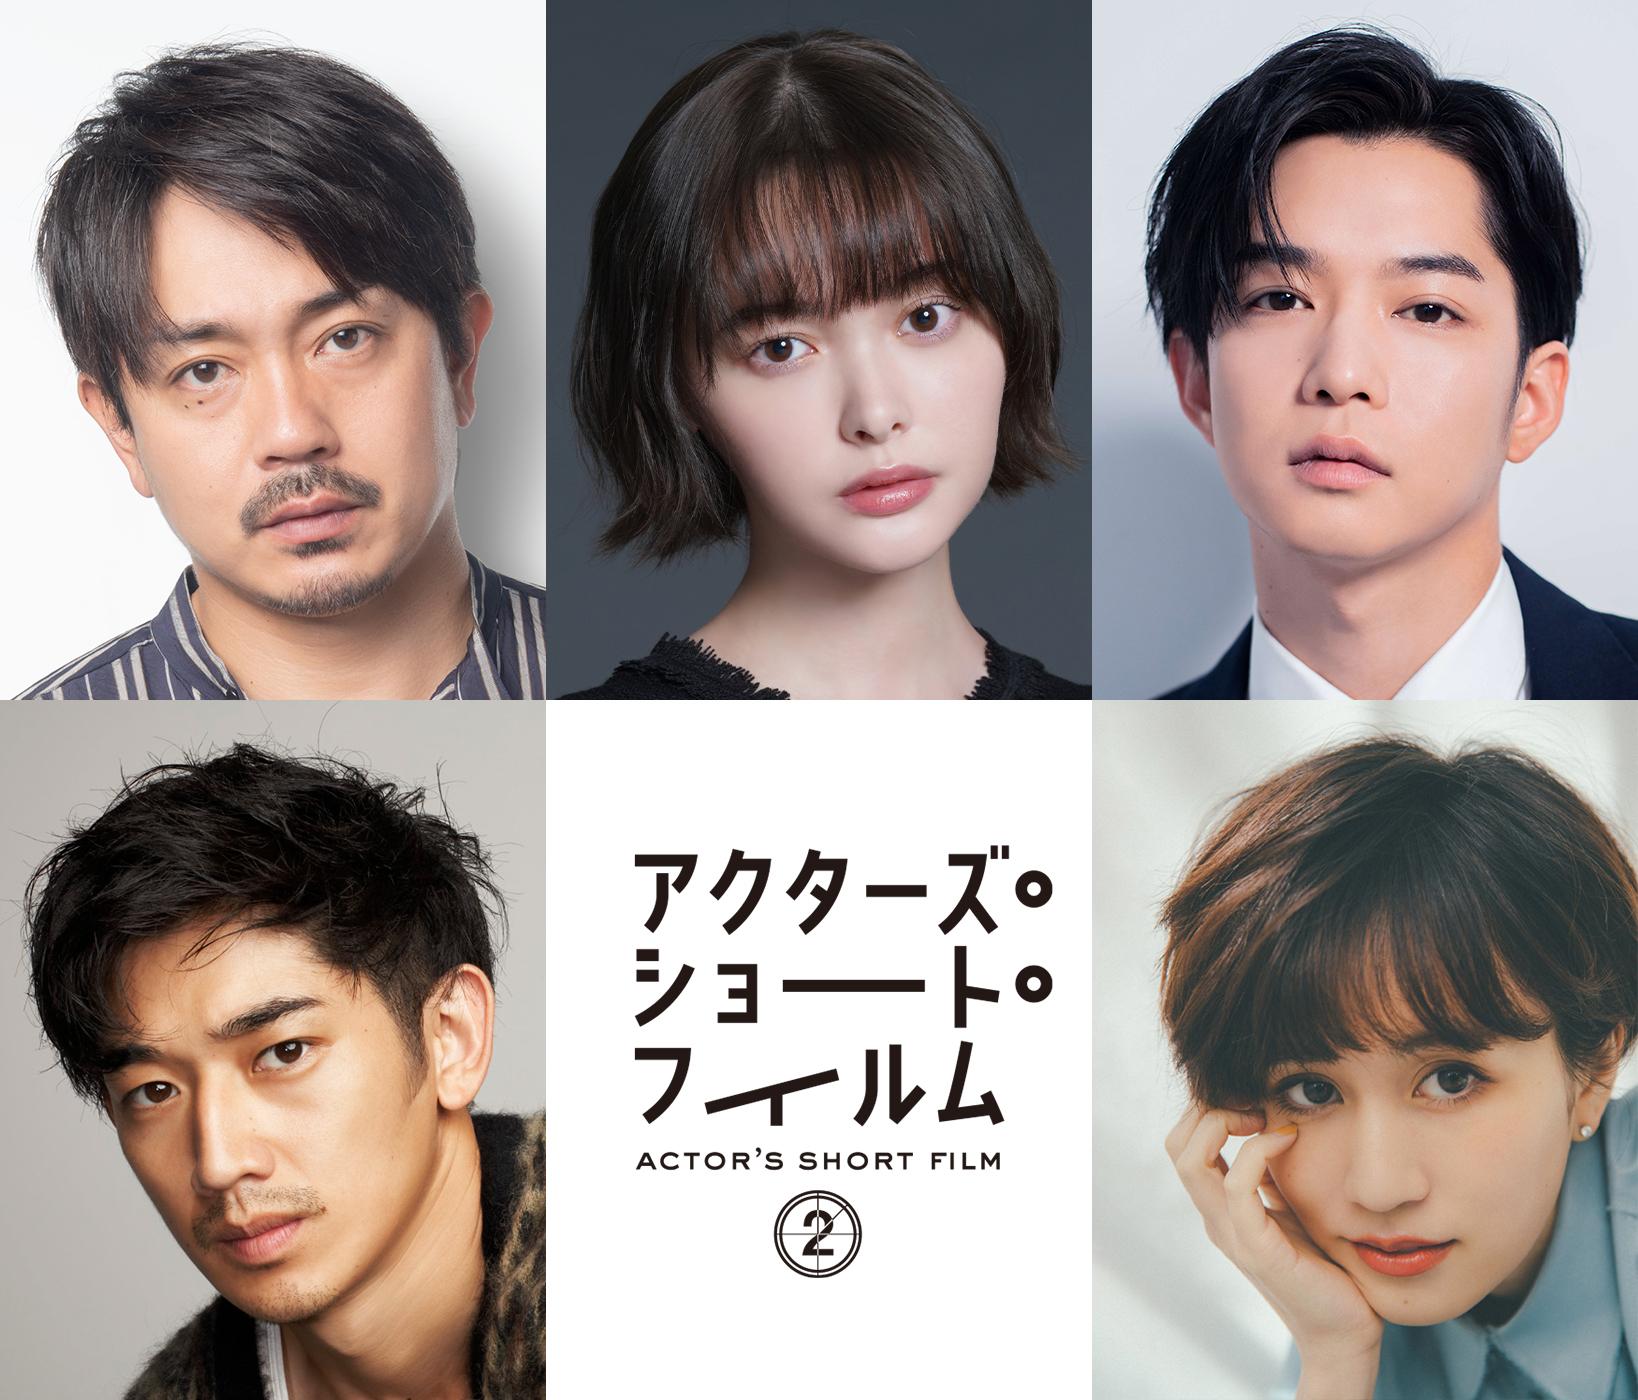 左上から時計回りに、青柳翔、玉城ティナ、千葉雄大、前田敦子、永山瑛太